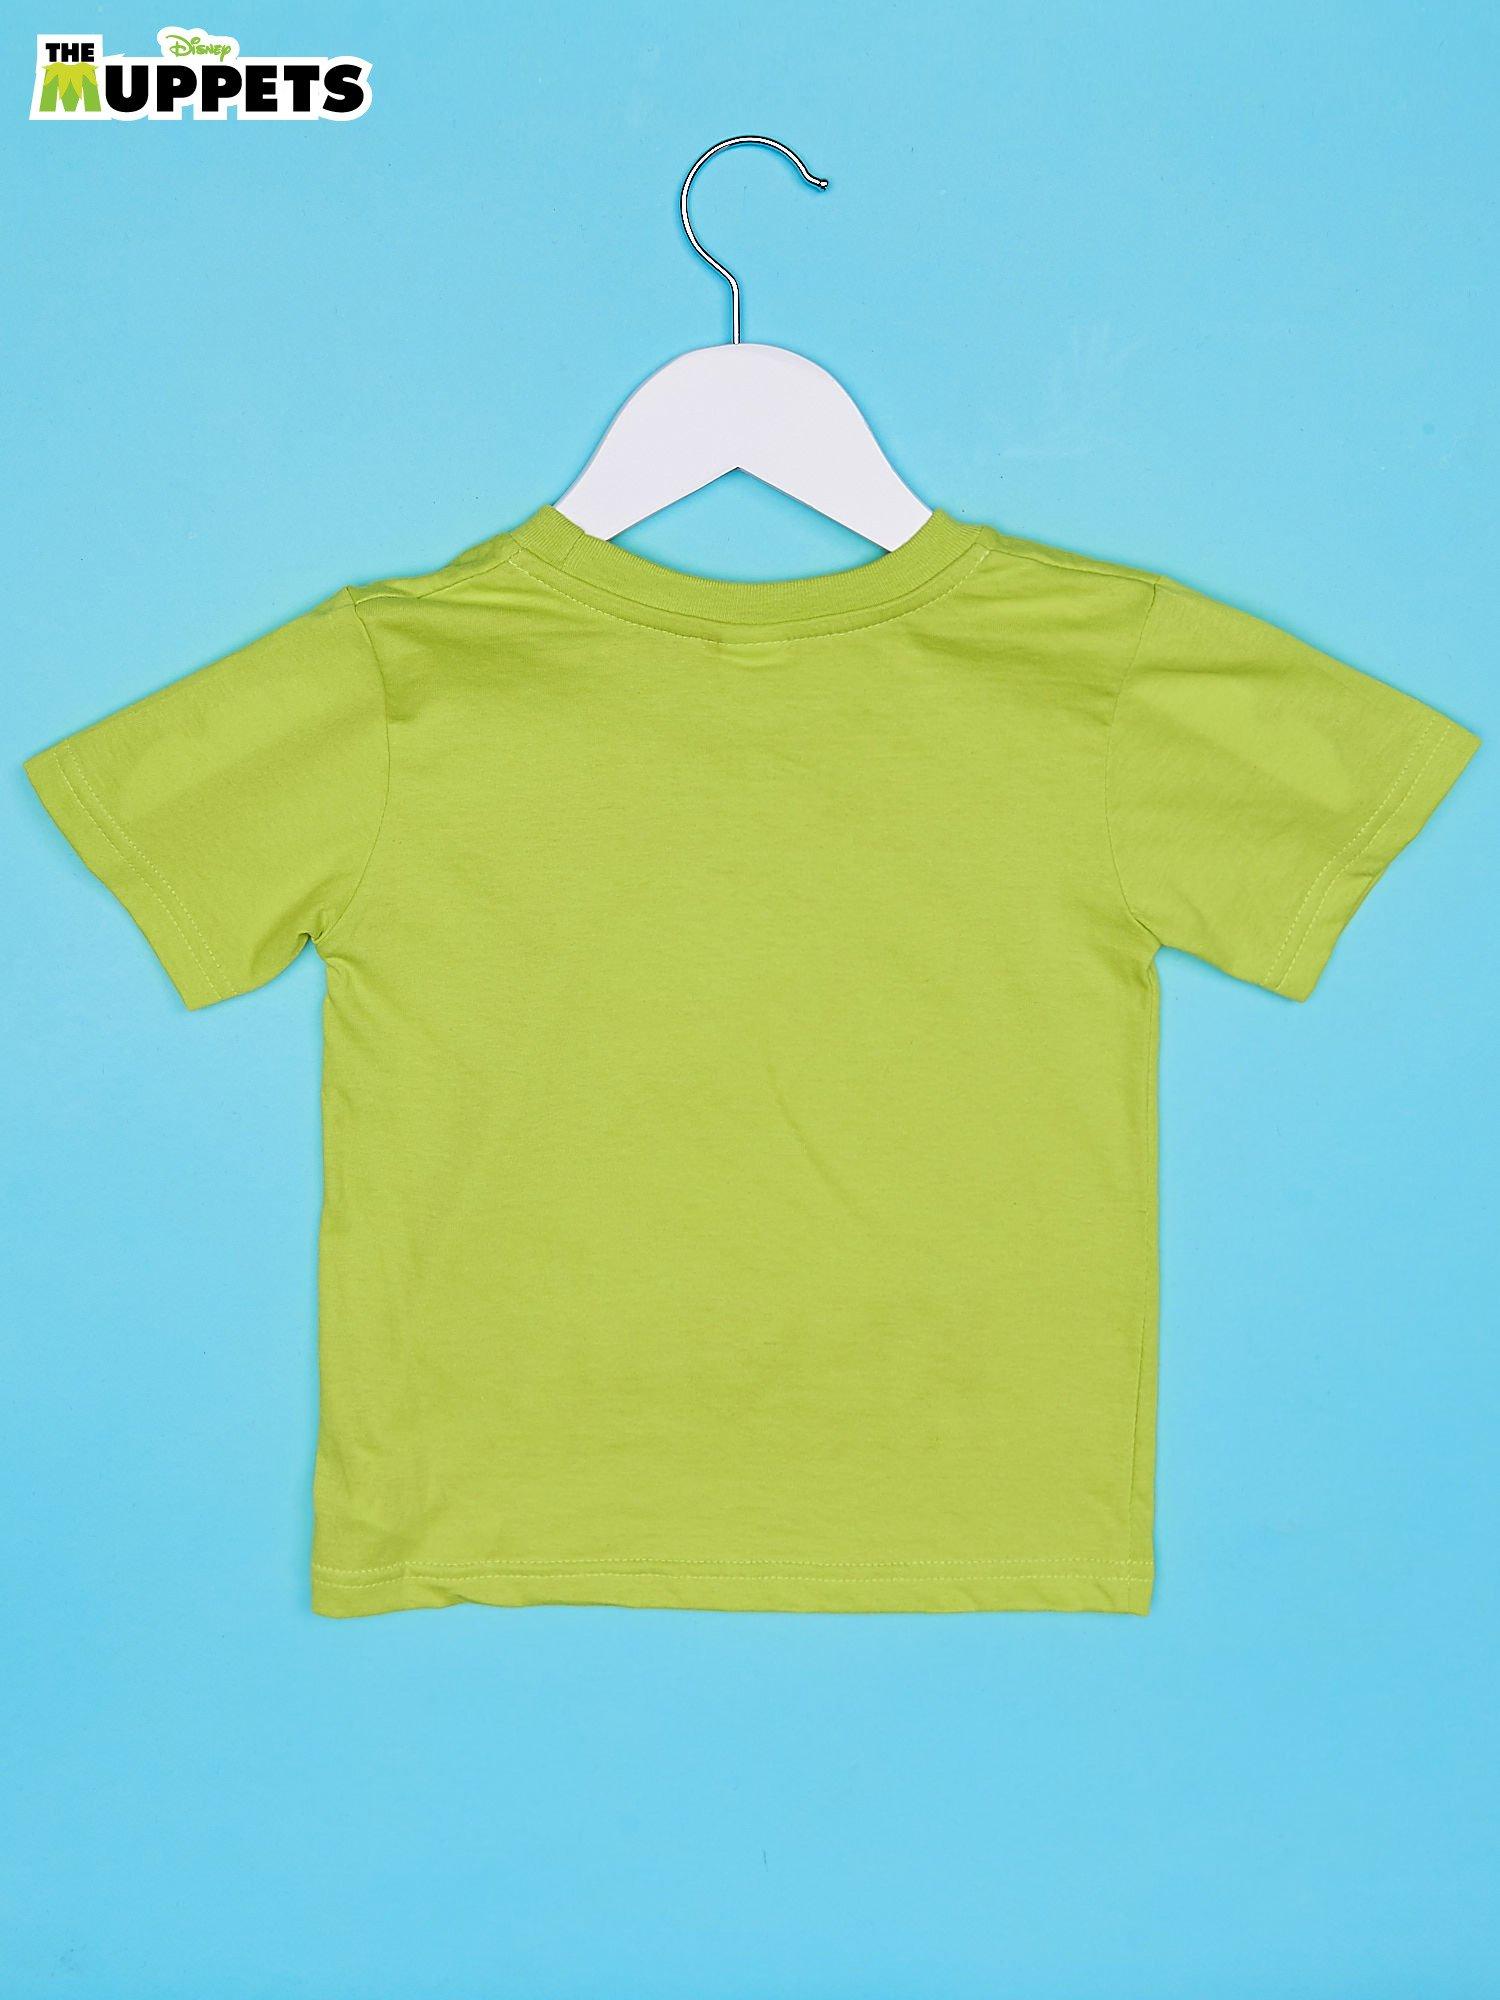 Limonkowy t-shirt chłopięcy z nadrukiem MUPPETY                                  zdj.                                  2